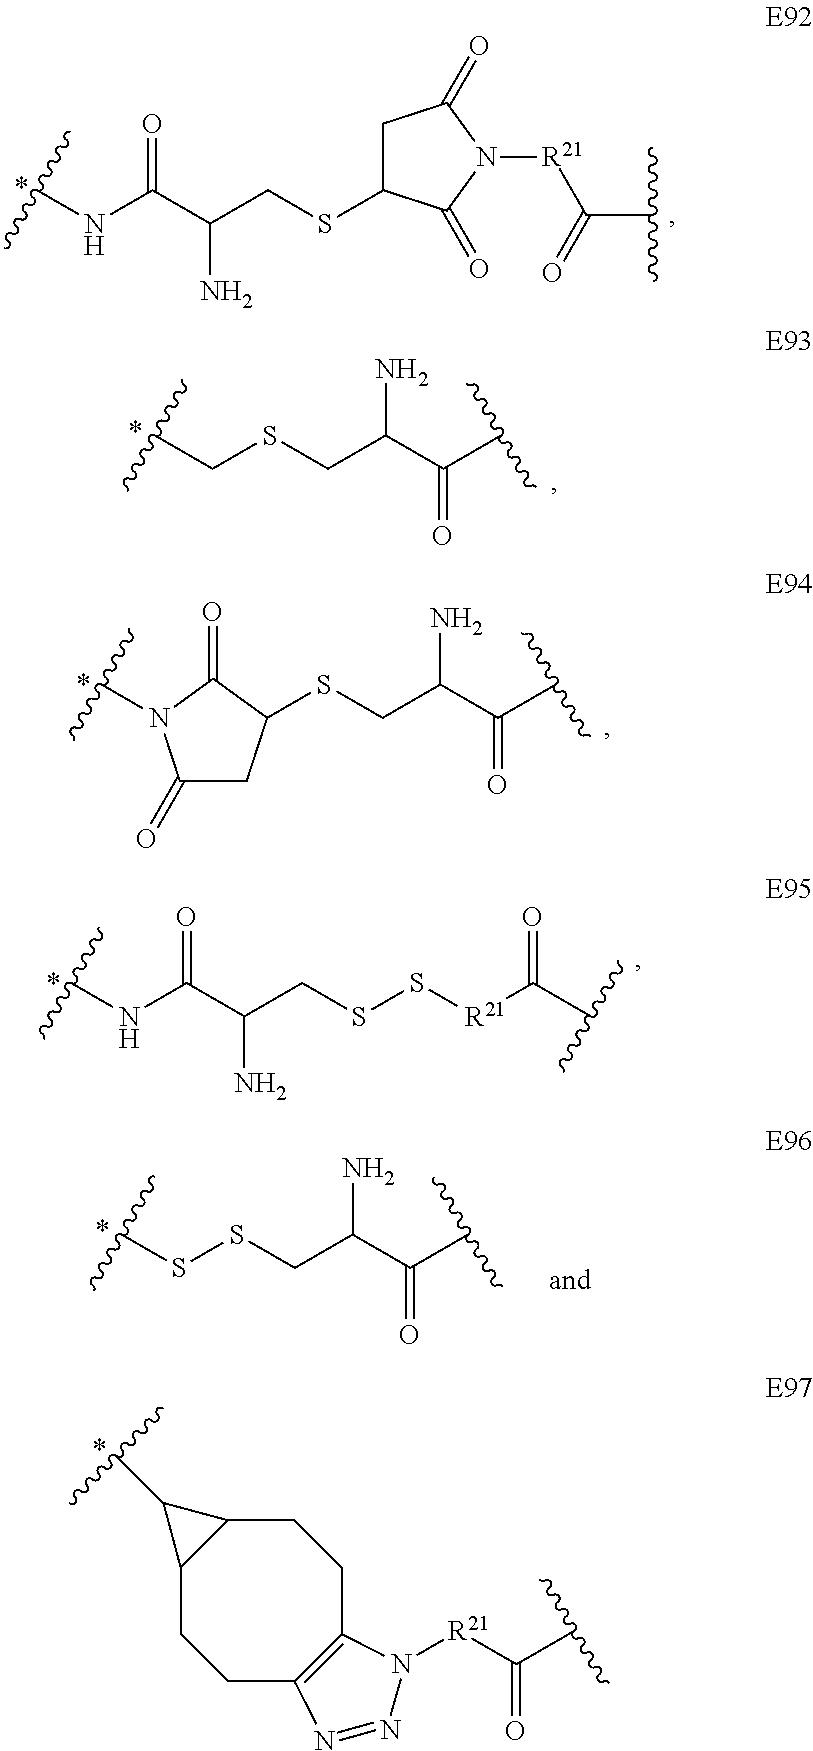 Figure US09764037-20170919-C00006